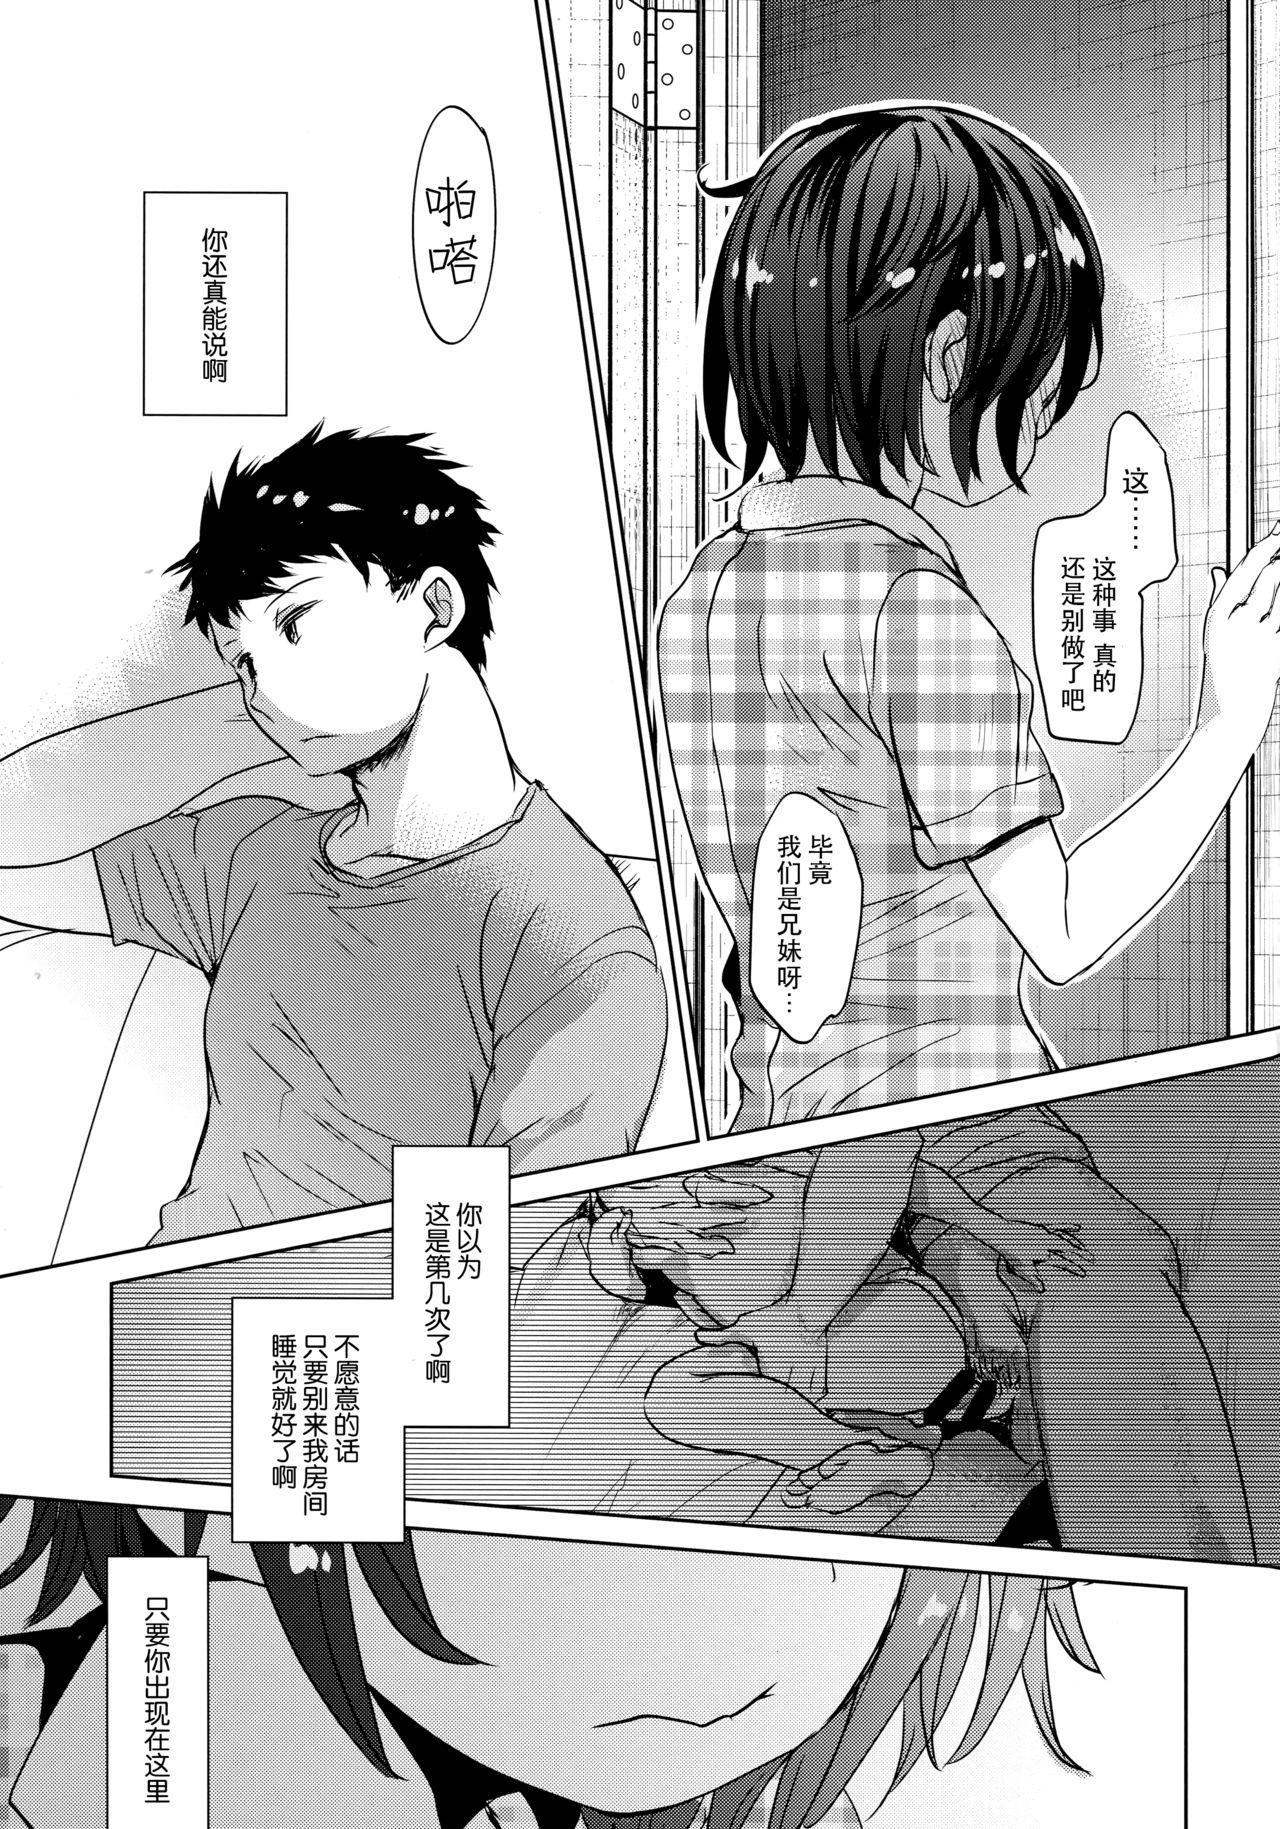 Watashi ga Neteiru Aida ni 28